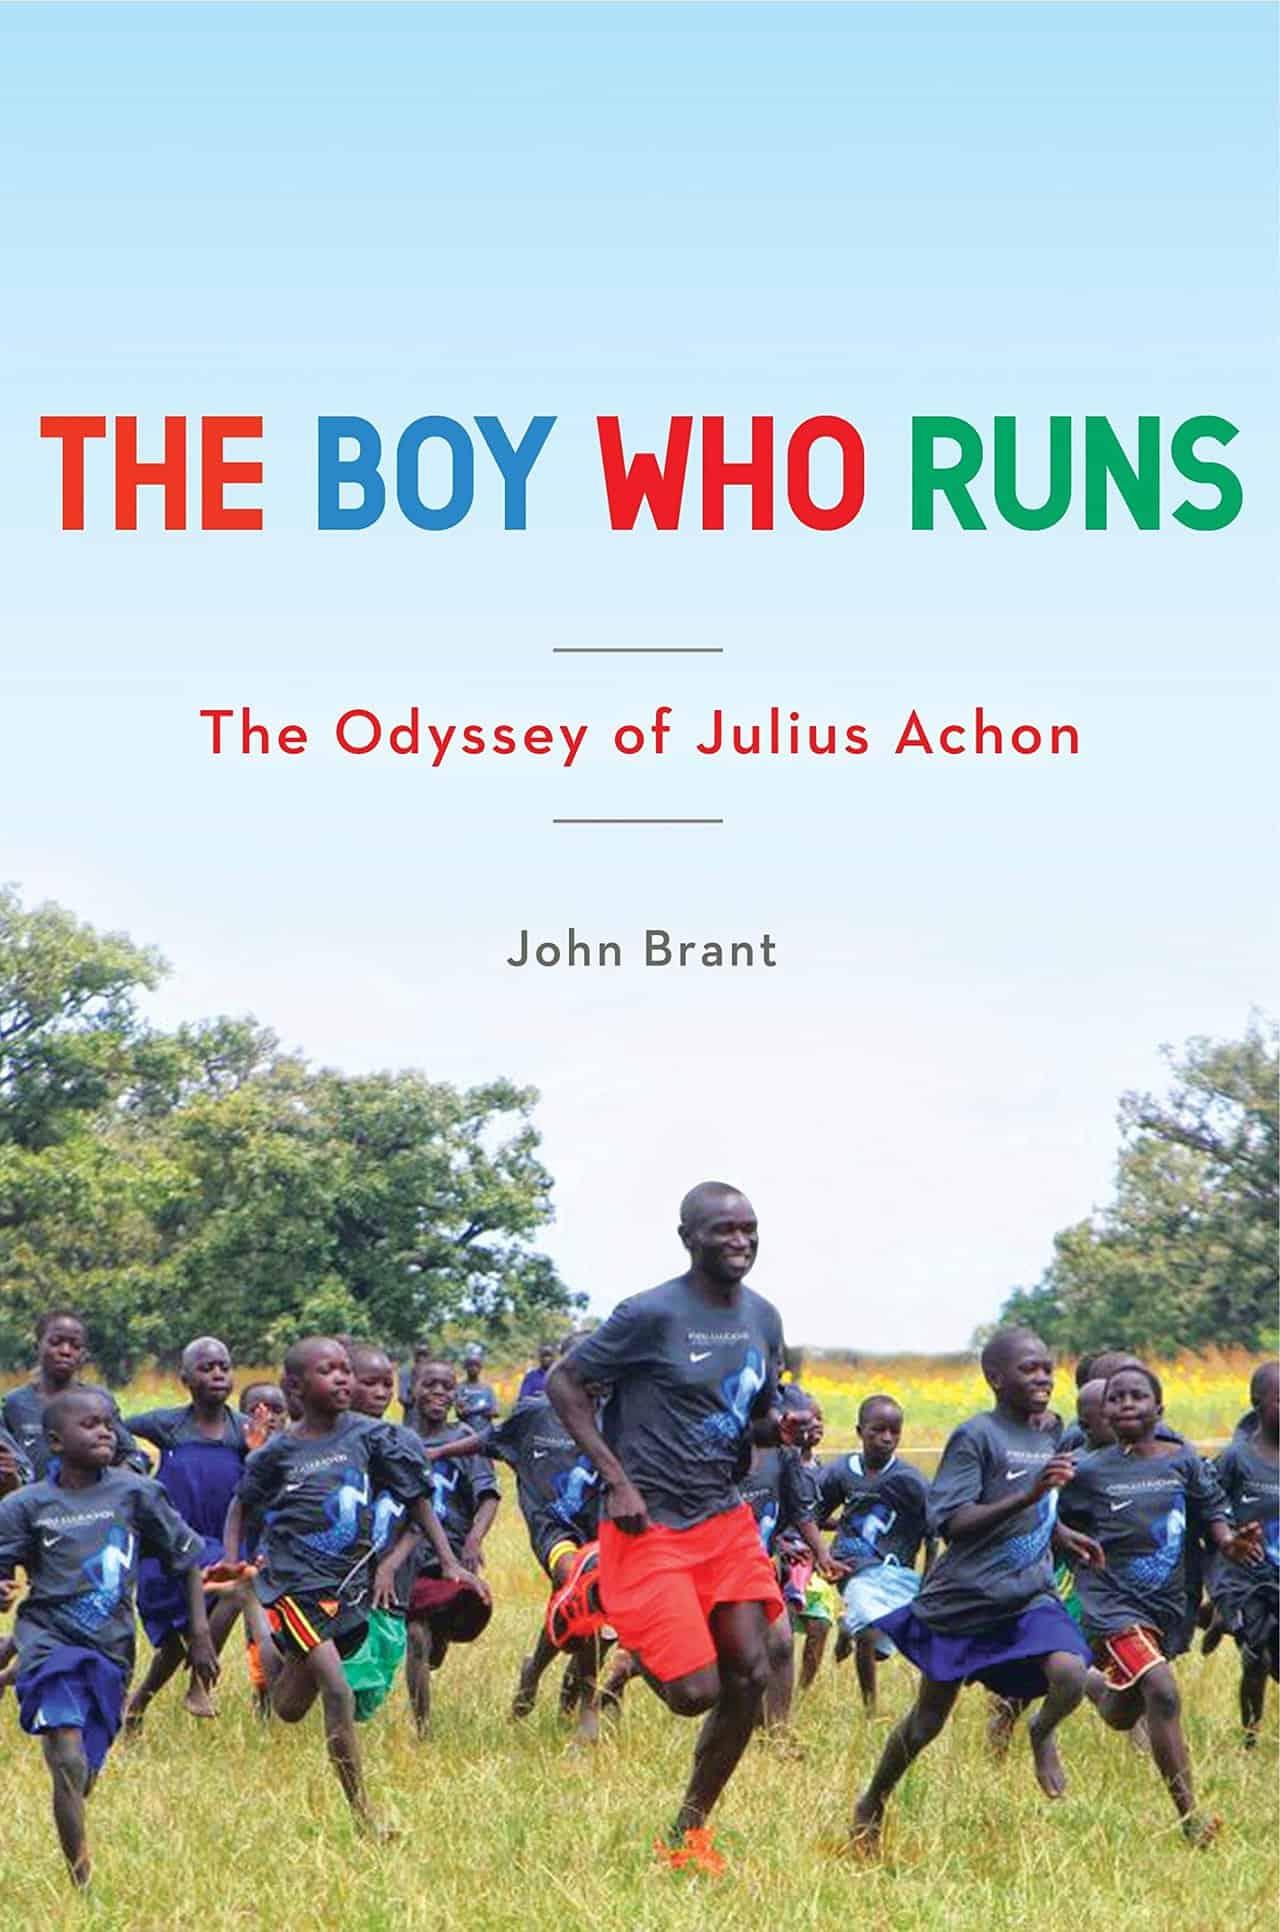 The boy who runs